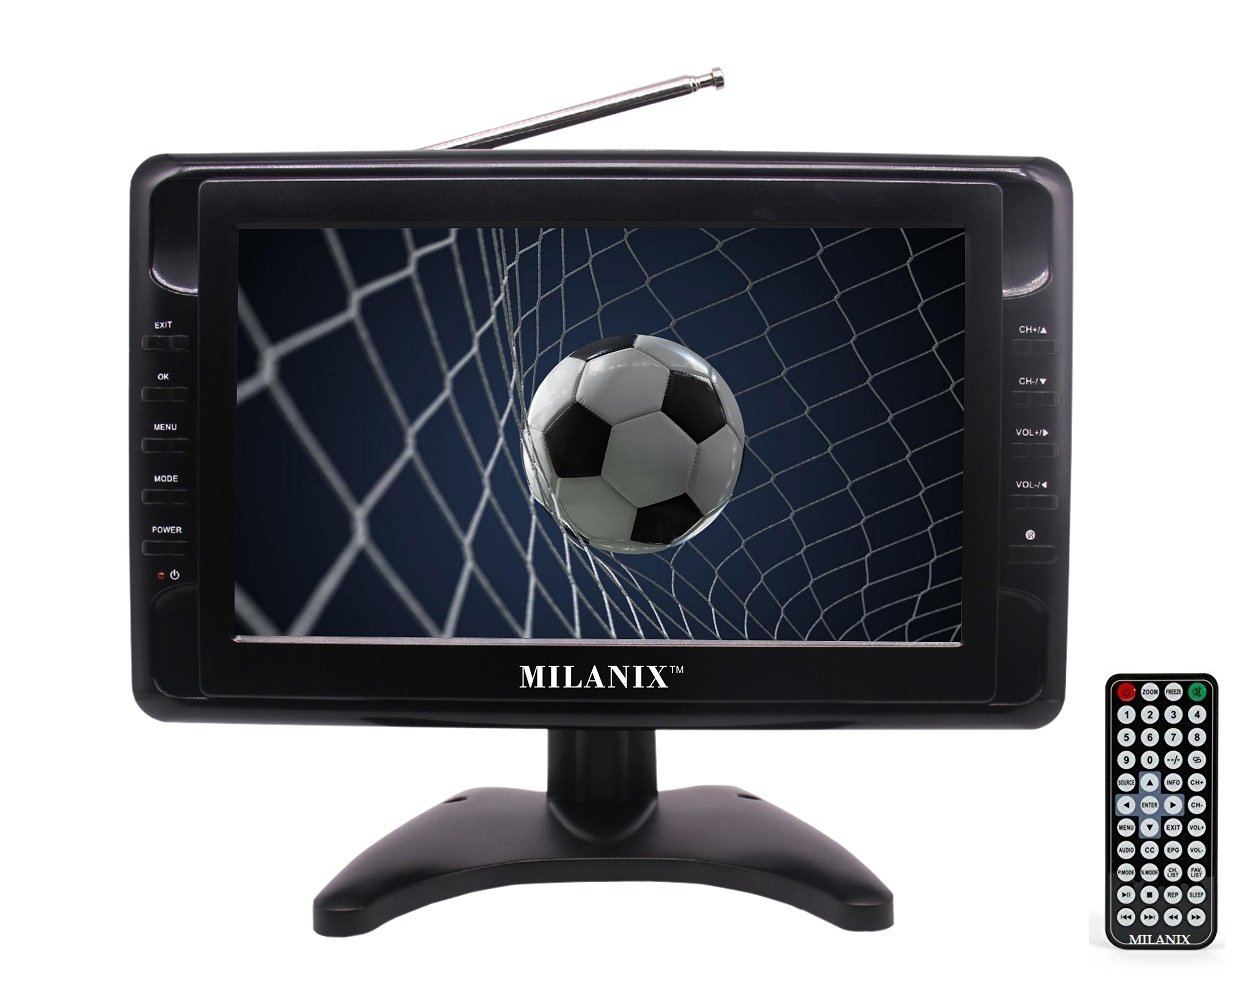 Milanix MX10 - Televisor portátil de 10 Pulgadas con Pantalla panorámica LCD y Antena extraíble, Ranura para Tarjeta USB/SD, sintonizador Digital Integrado y entradas AV: Amazon.es: Electrónica